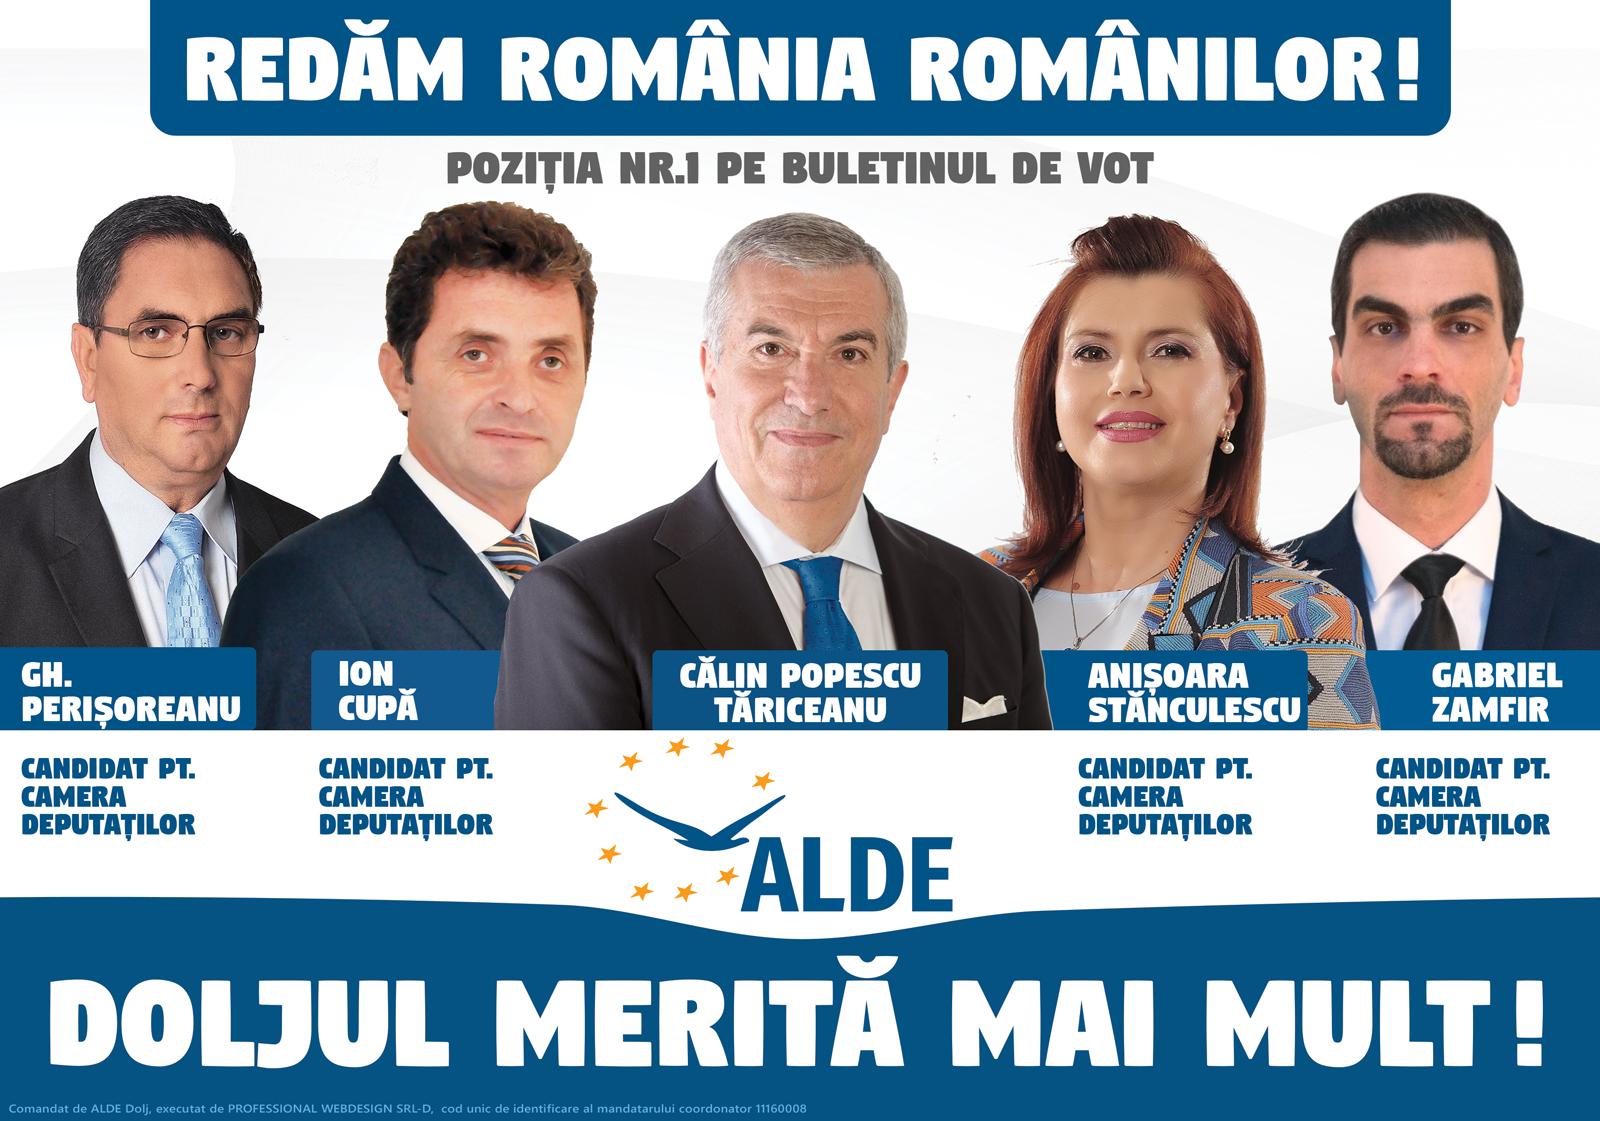 afis_candid-cam-deputatilor_v1-1